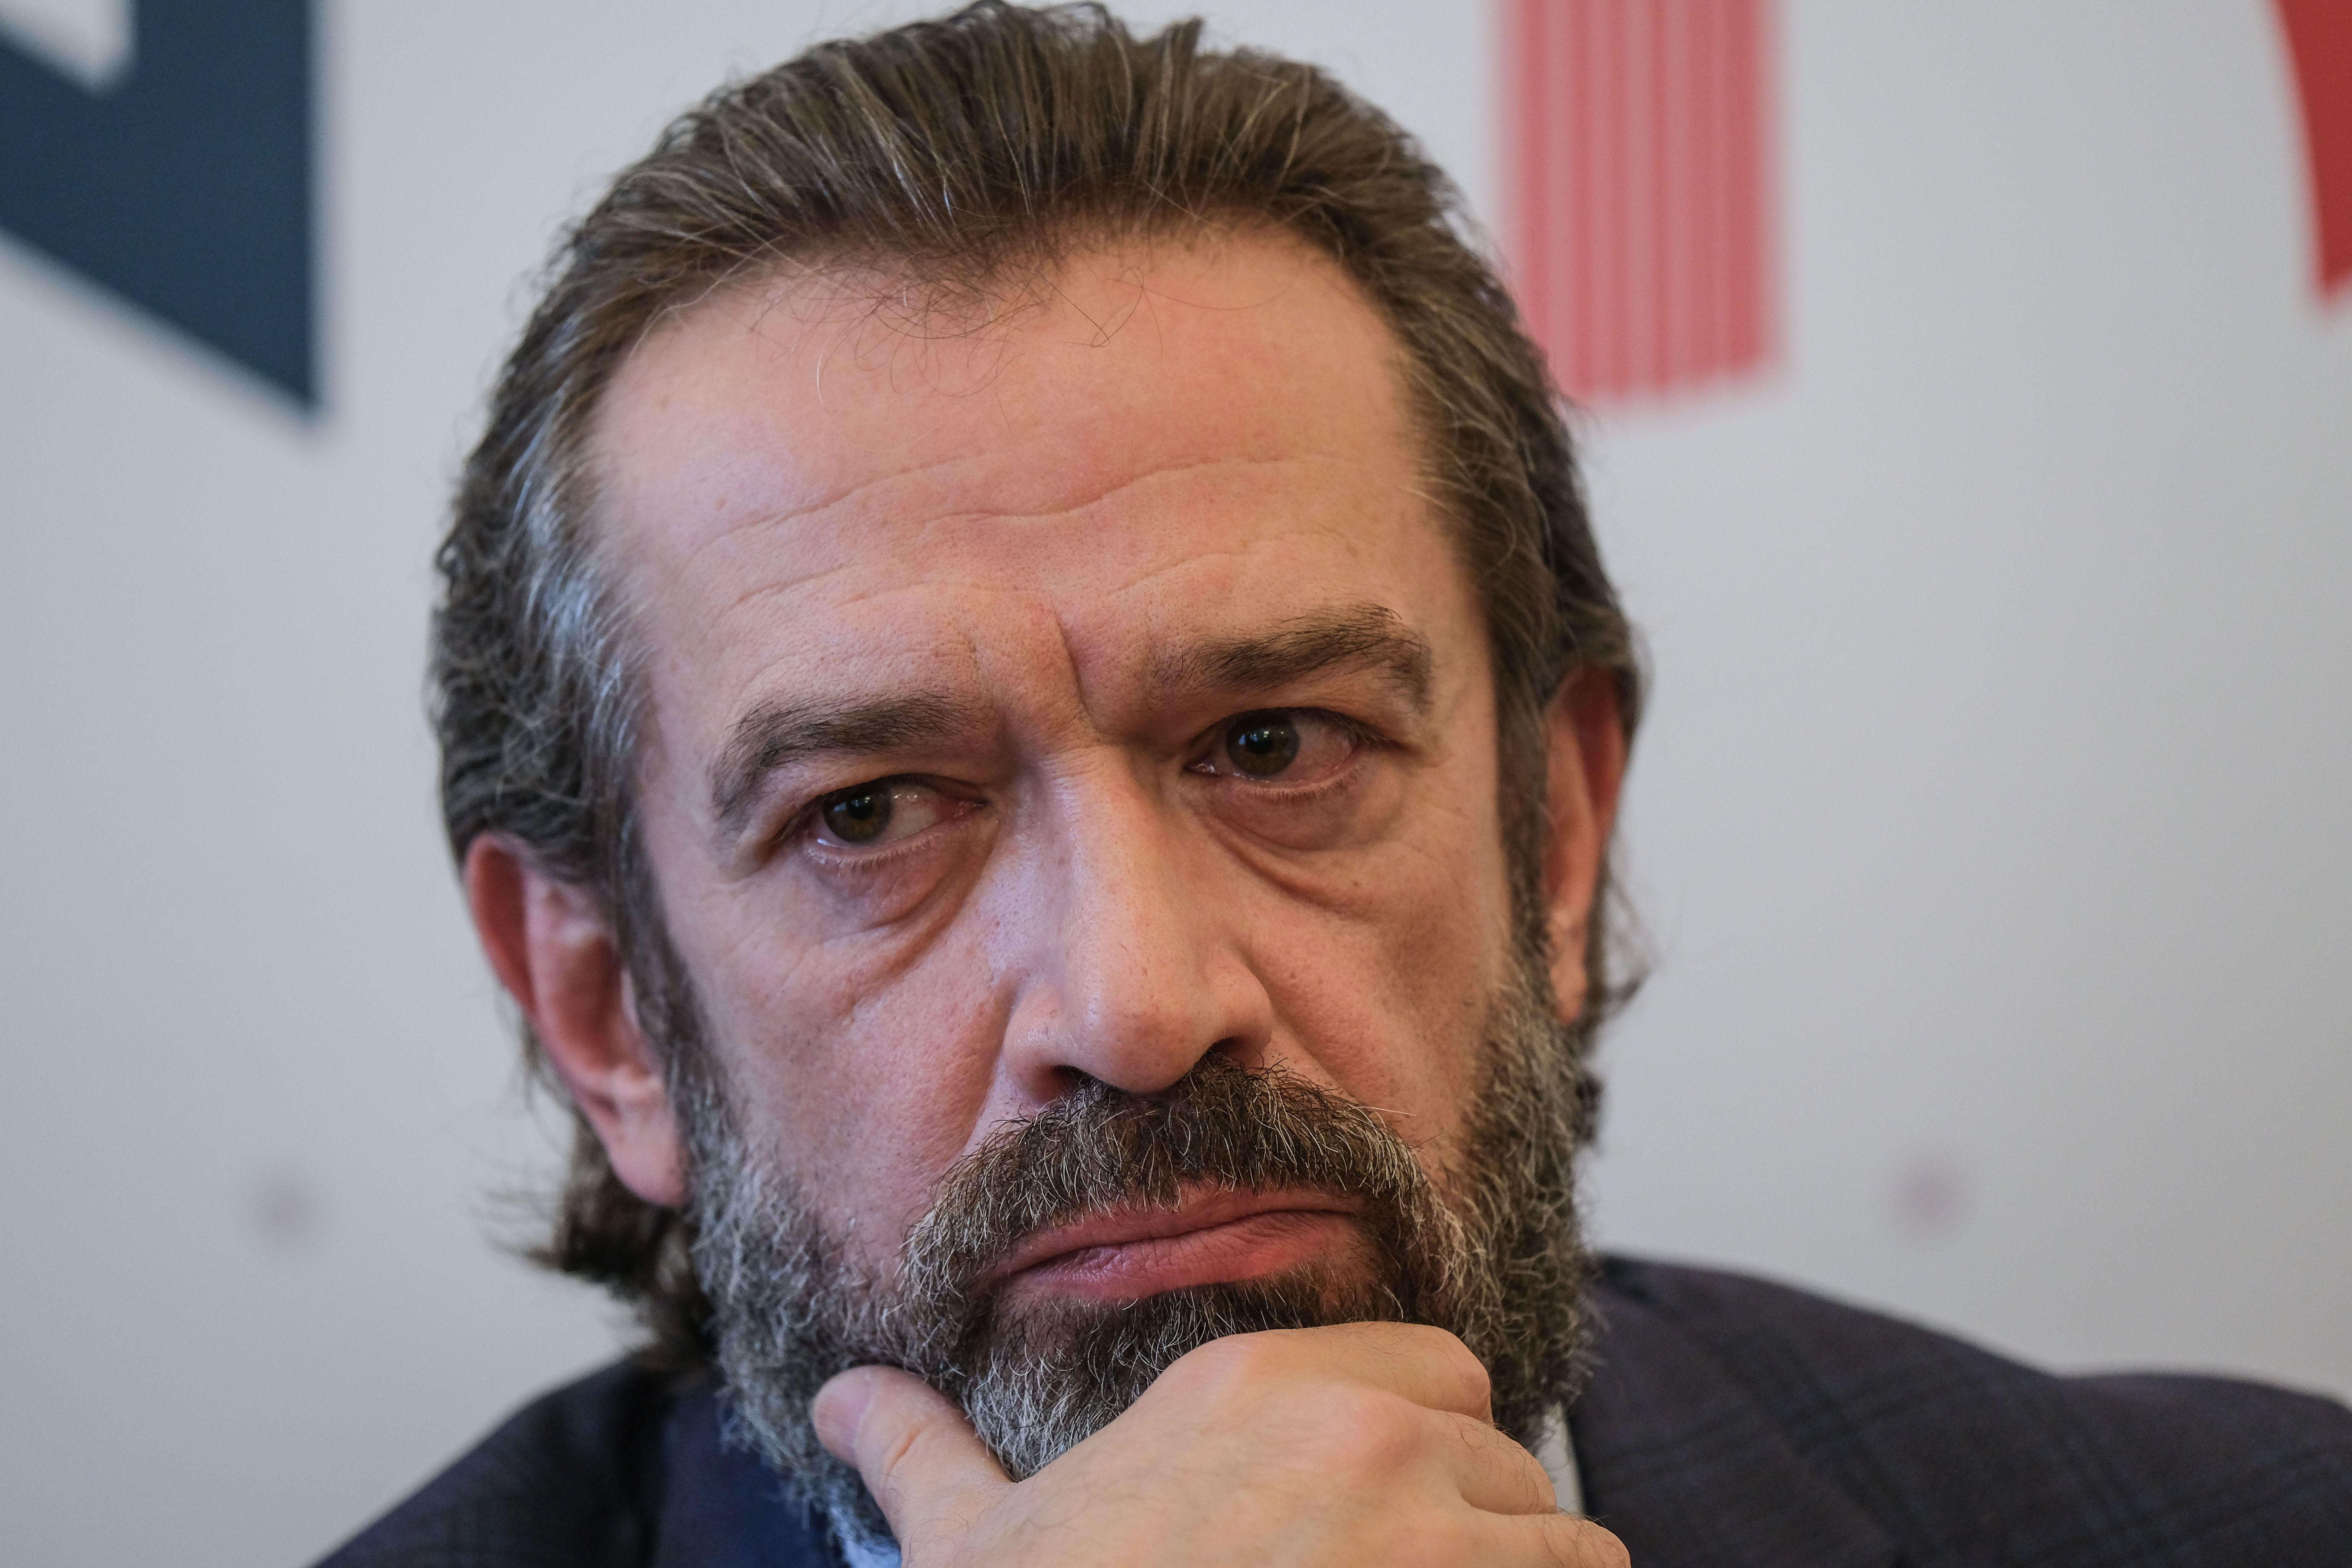 Актер и режиссер Владимир Машков внес предложение  о запрете на отчуждение территорий России